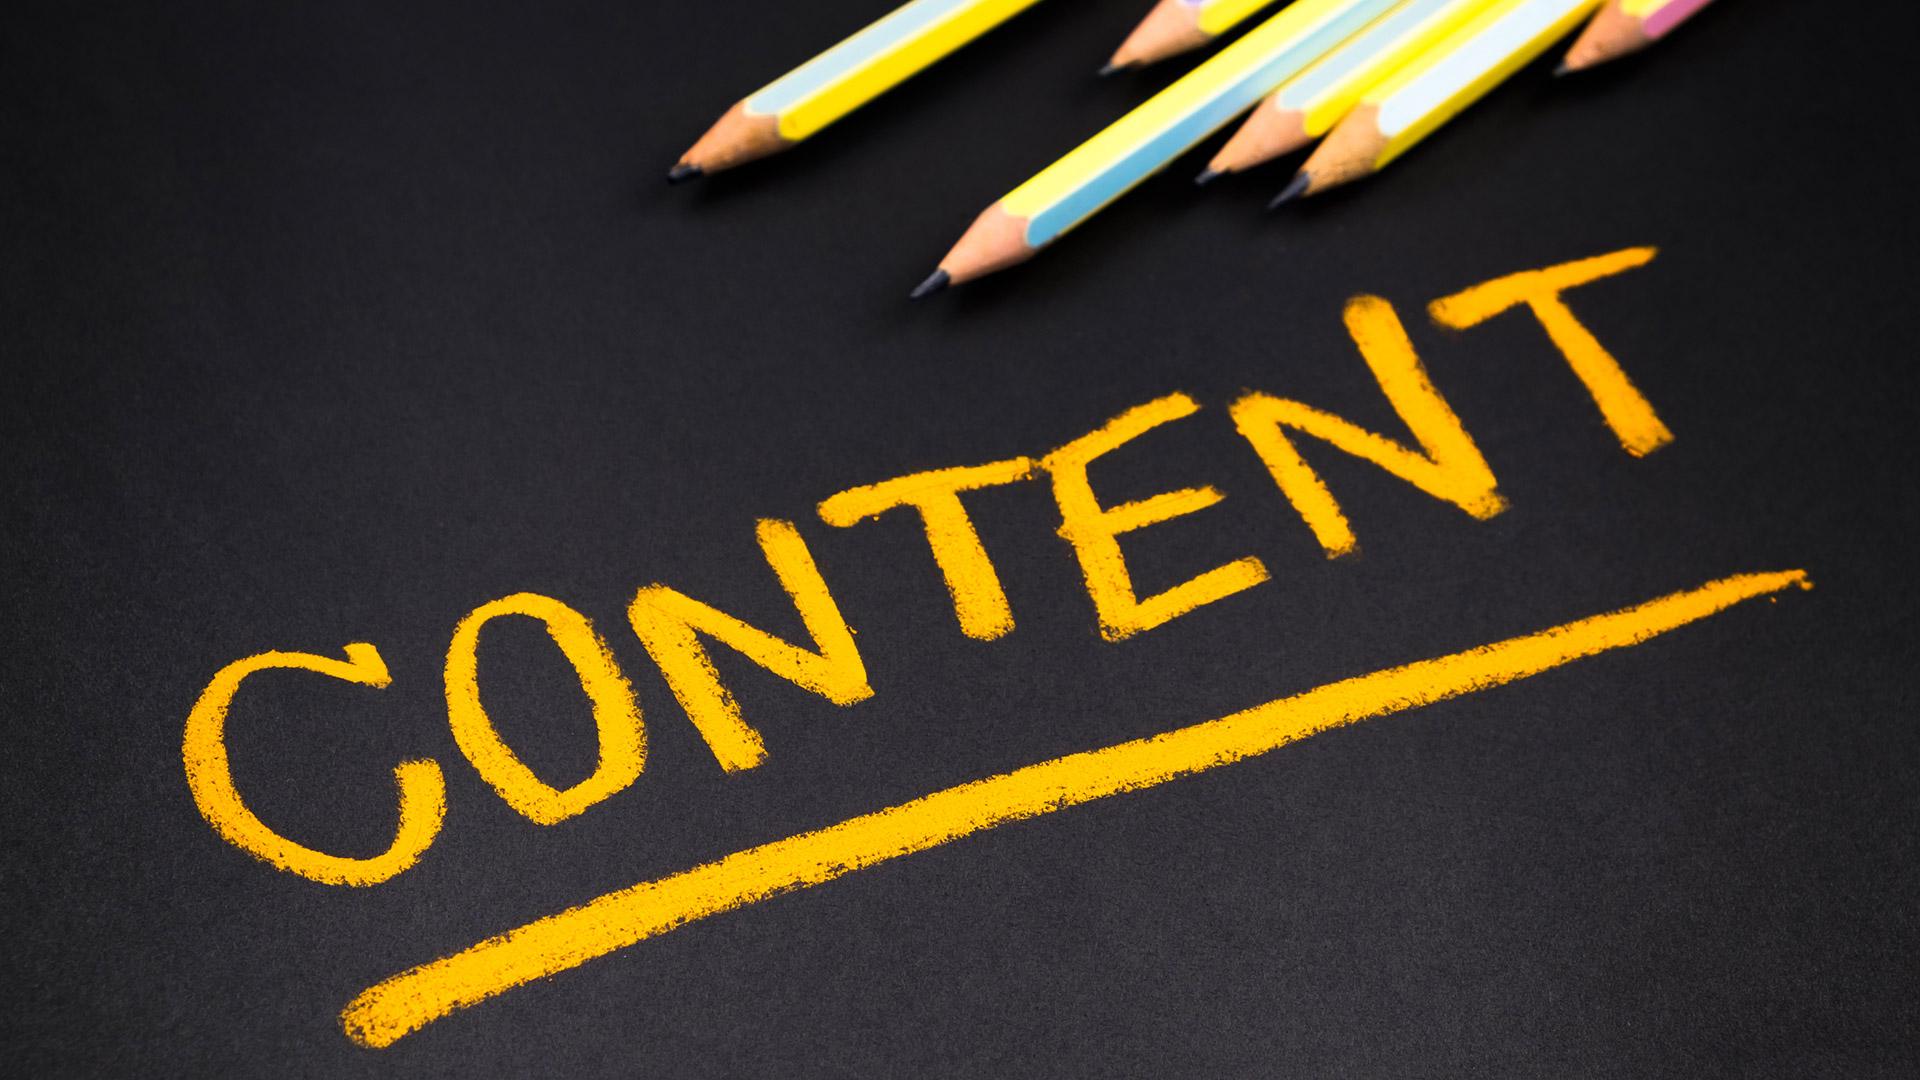 3 bước thực hiện Content vượt chuẩn SEO & Viết bài chuẩn seo 2018